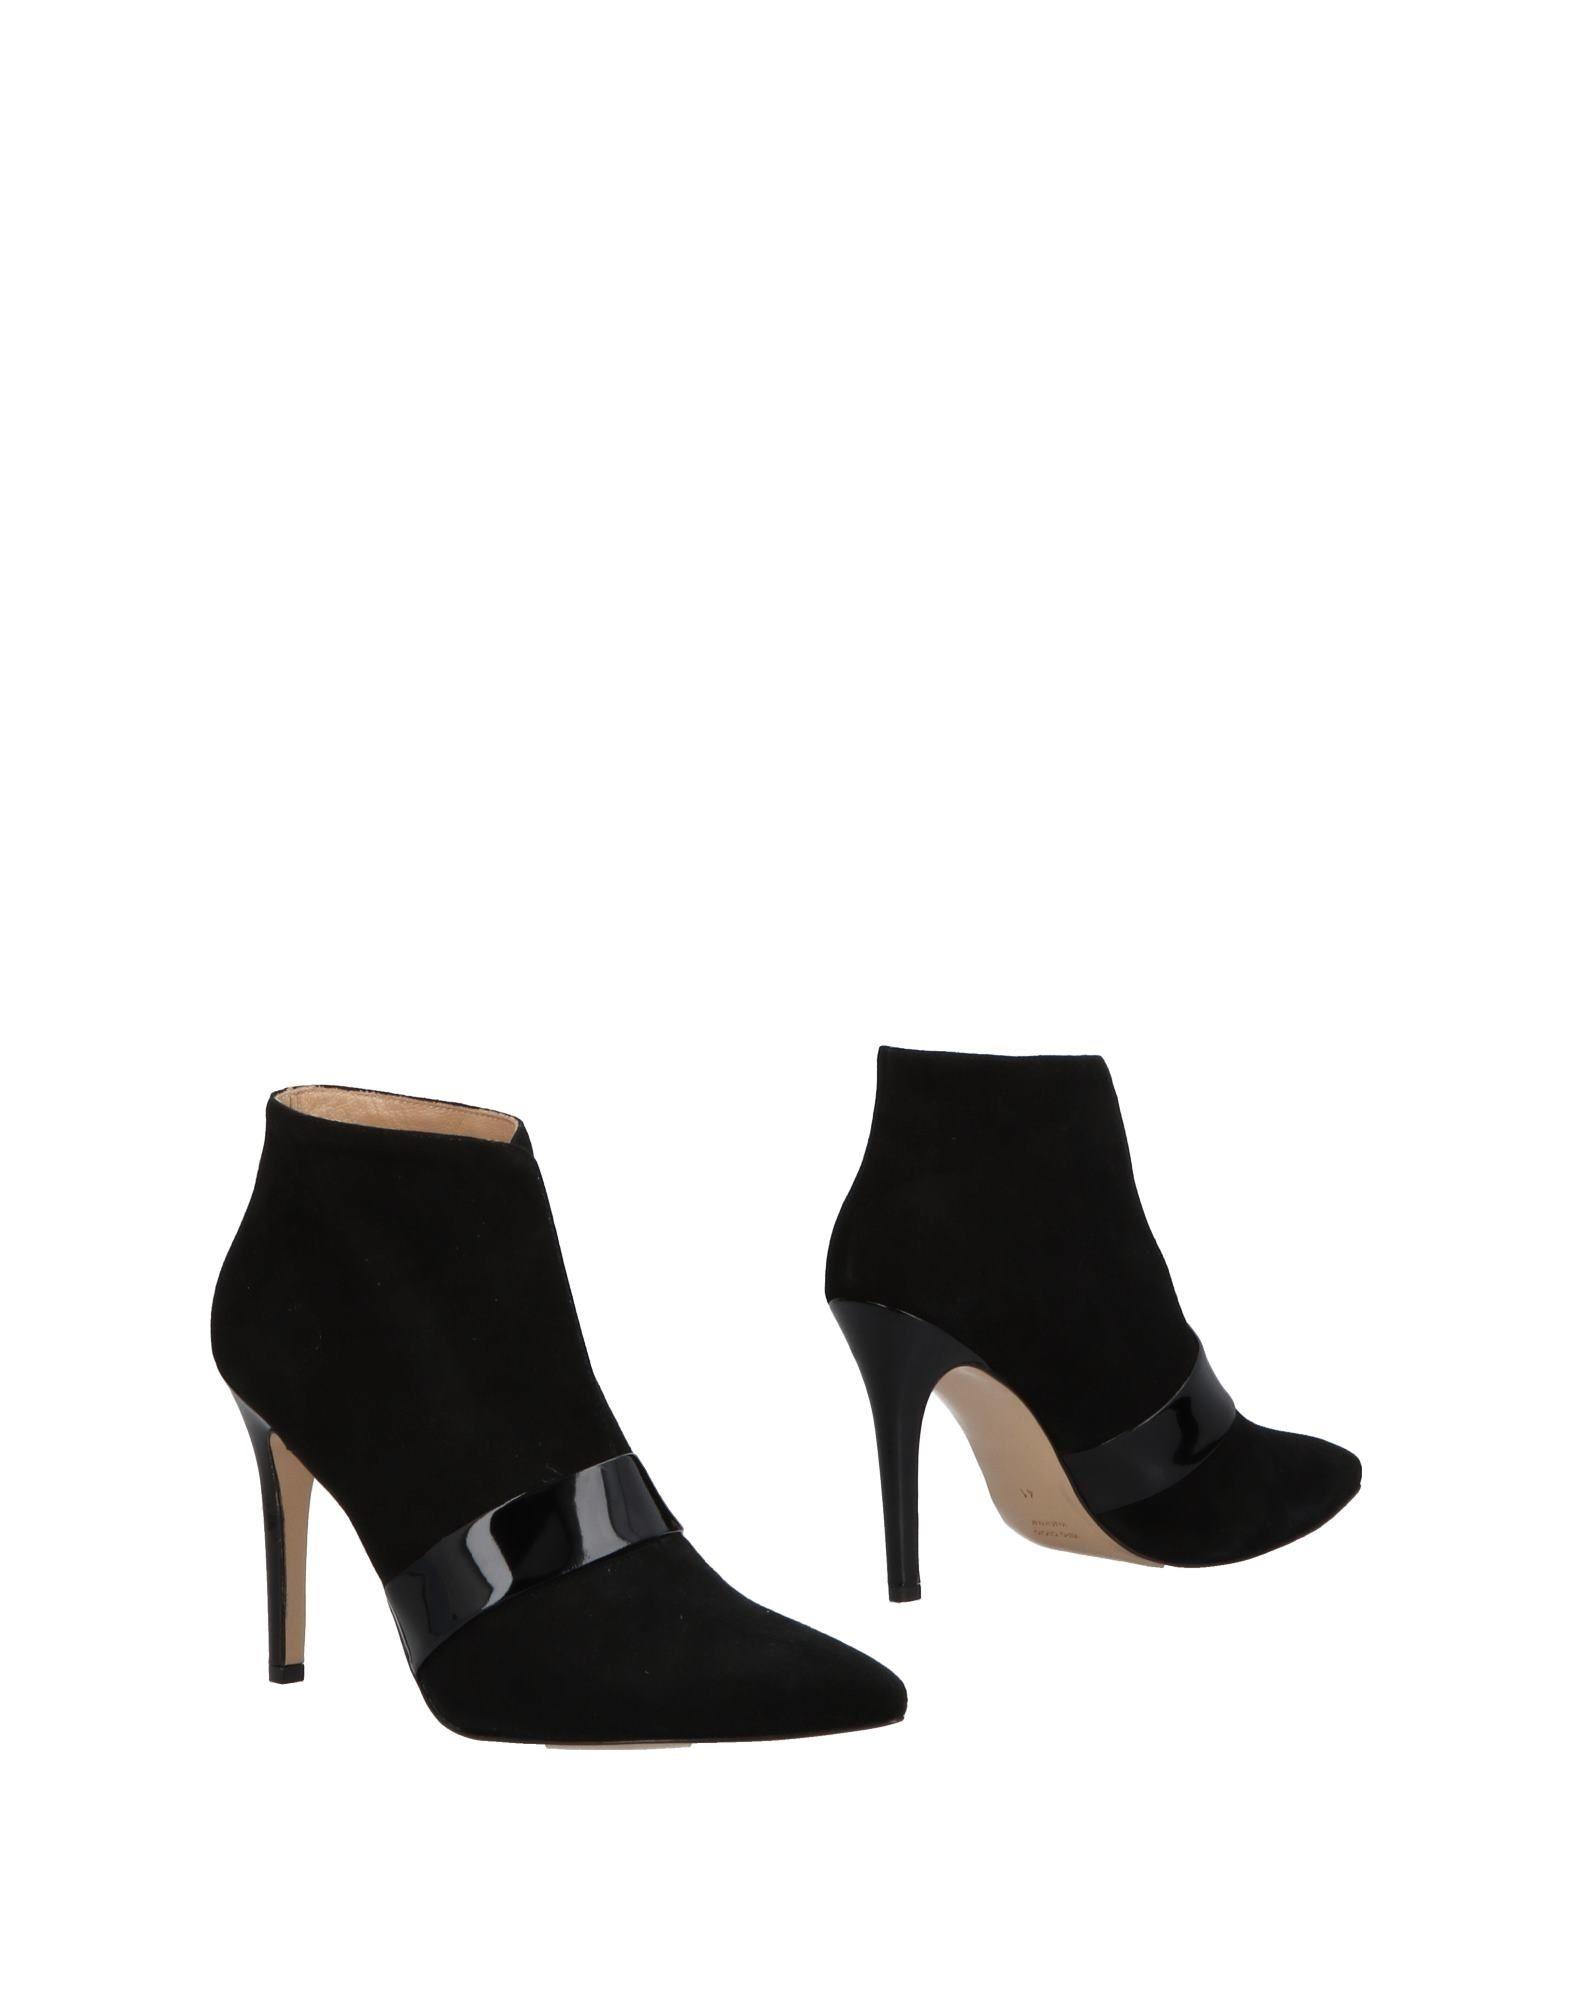 Moda Stivaletti Lea-Gu Donna Donna Lea-Gu - 11507471KV 7f6189